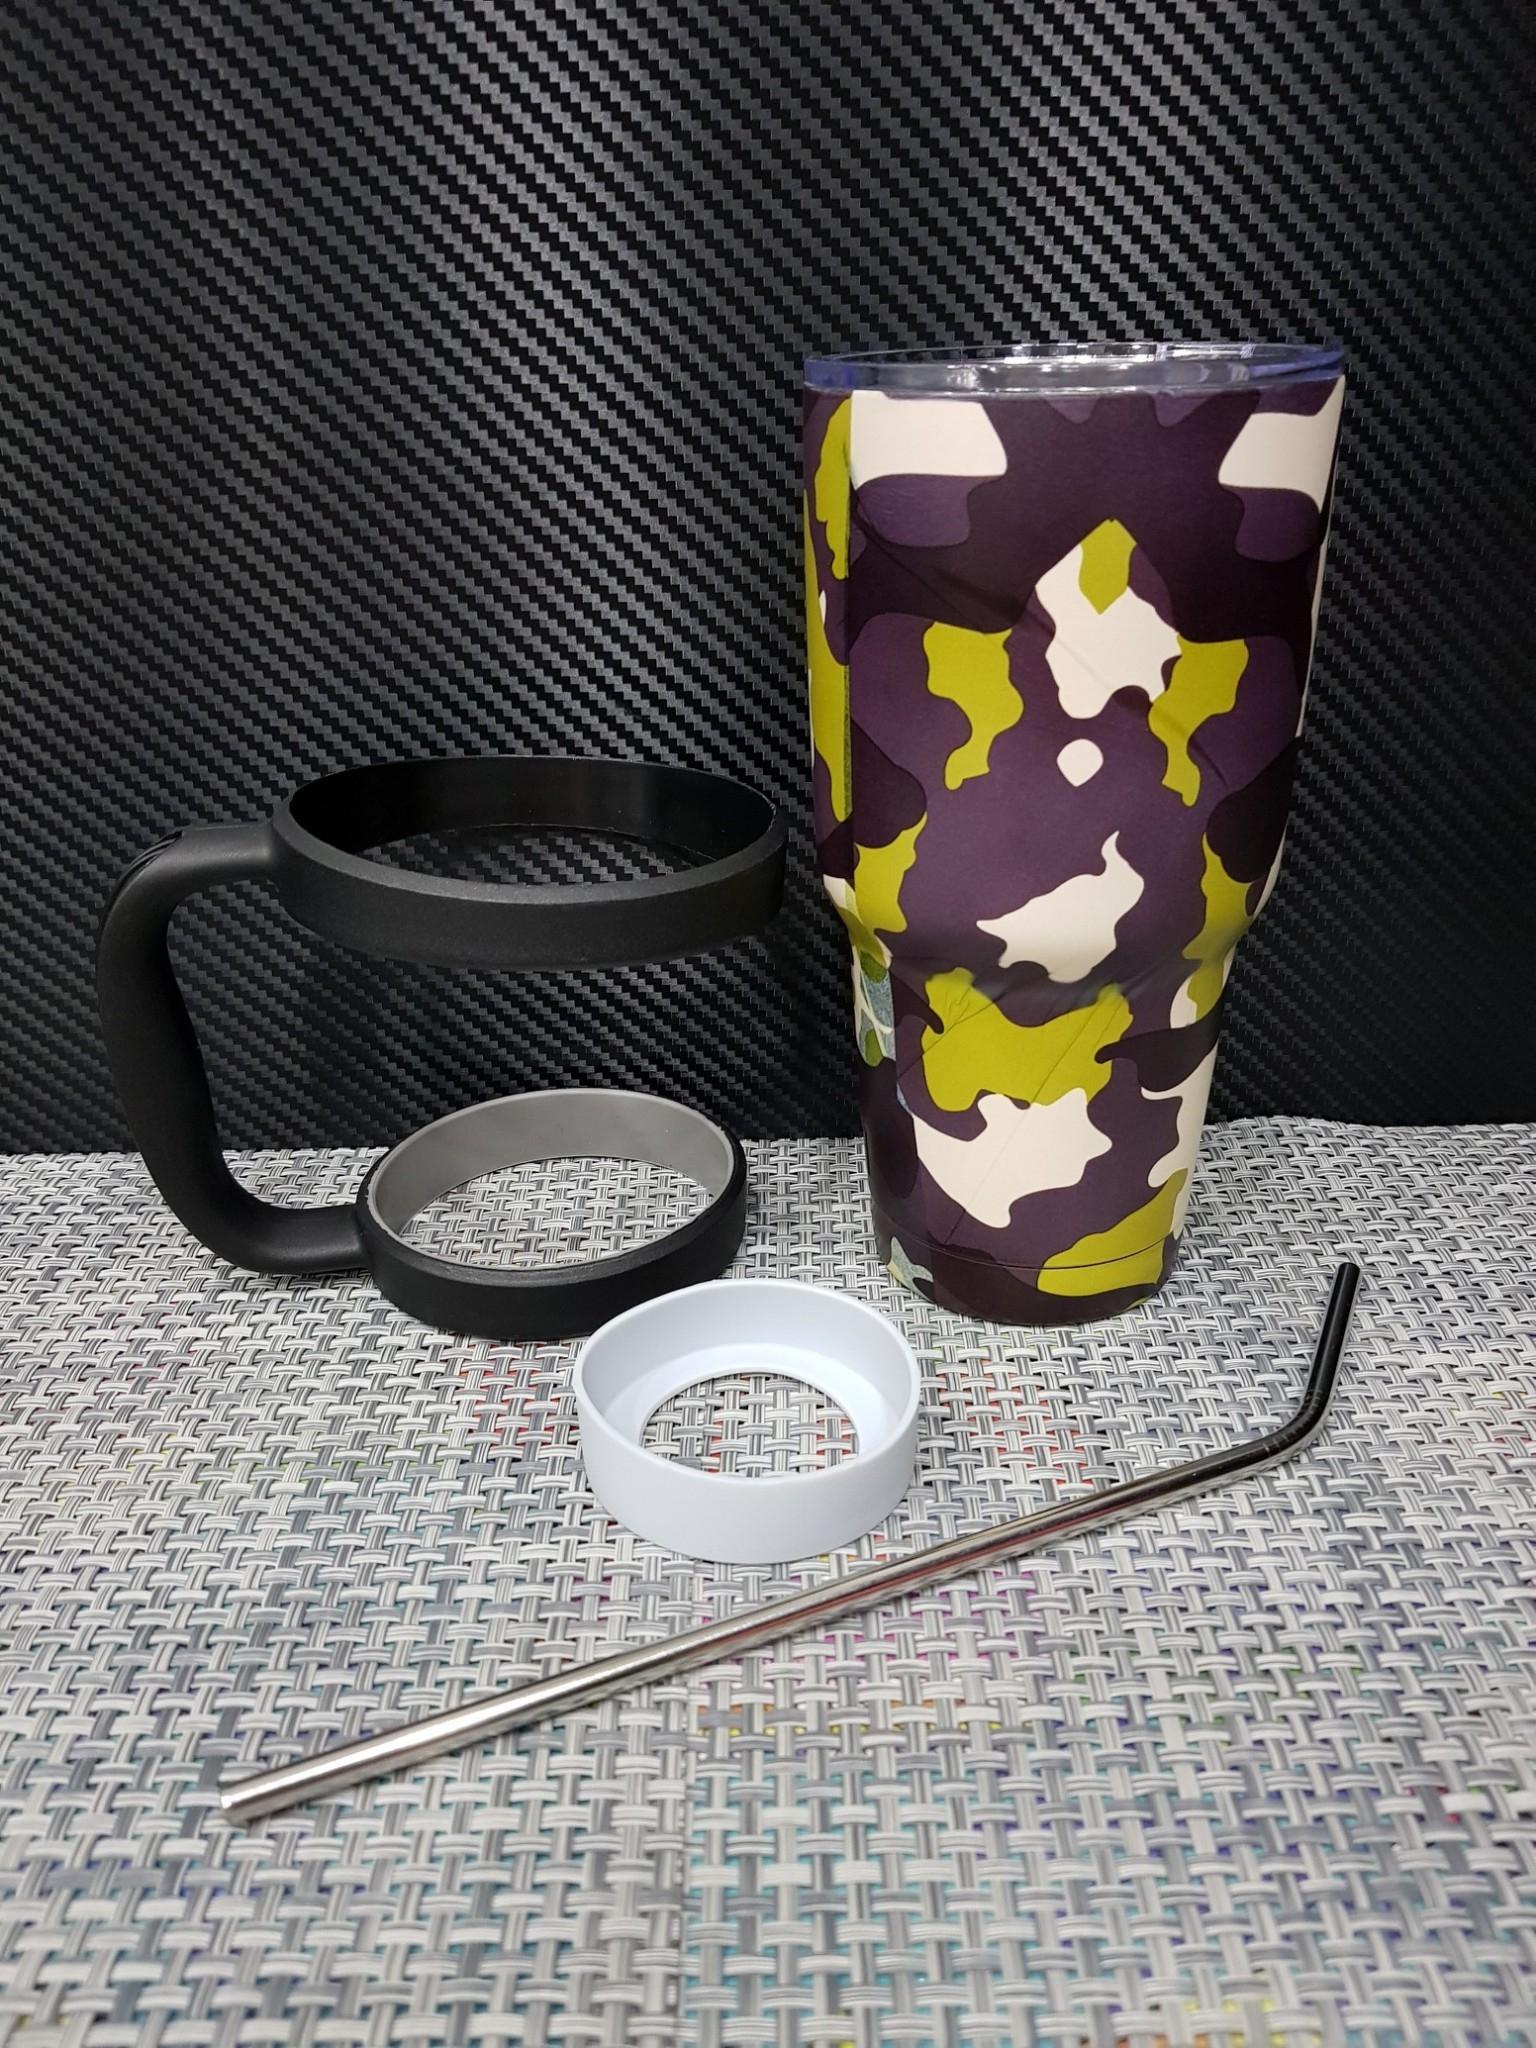 ชุดแก้วเยติ 30 ออนซ์ ลายพรางทหาร สีน้ำตาล